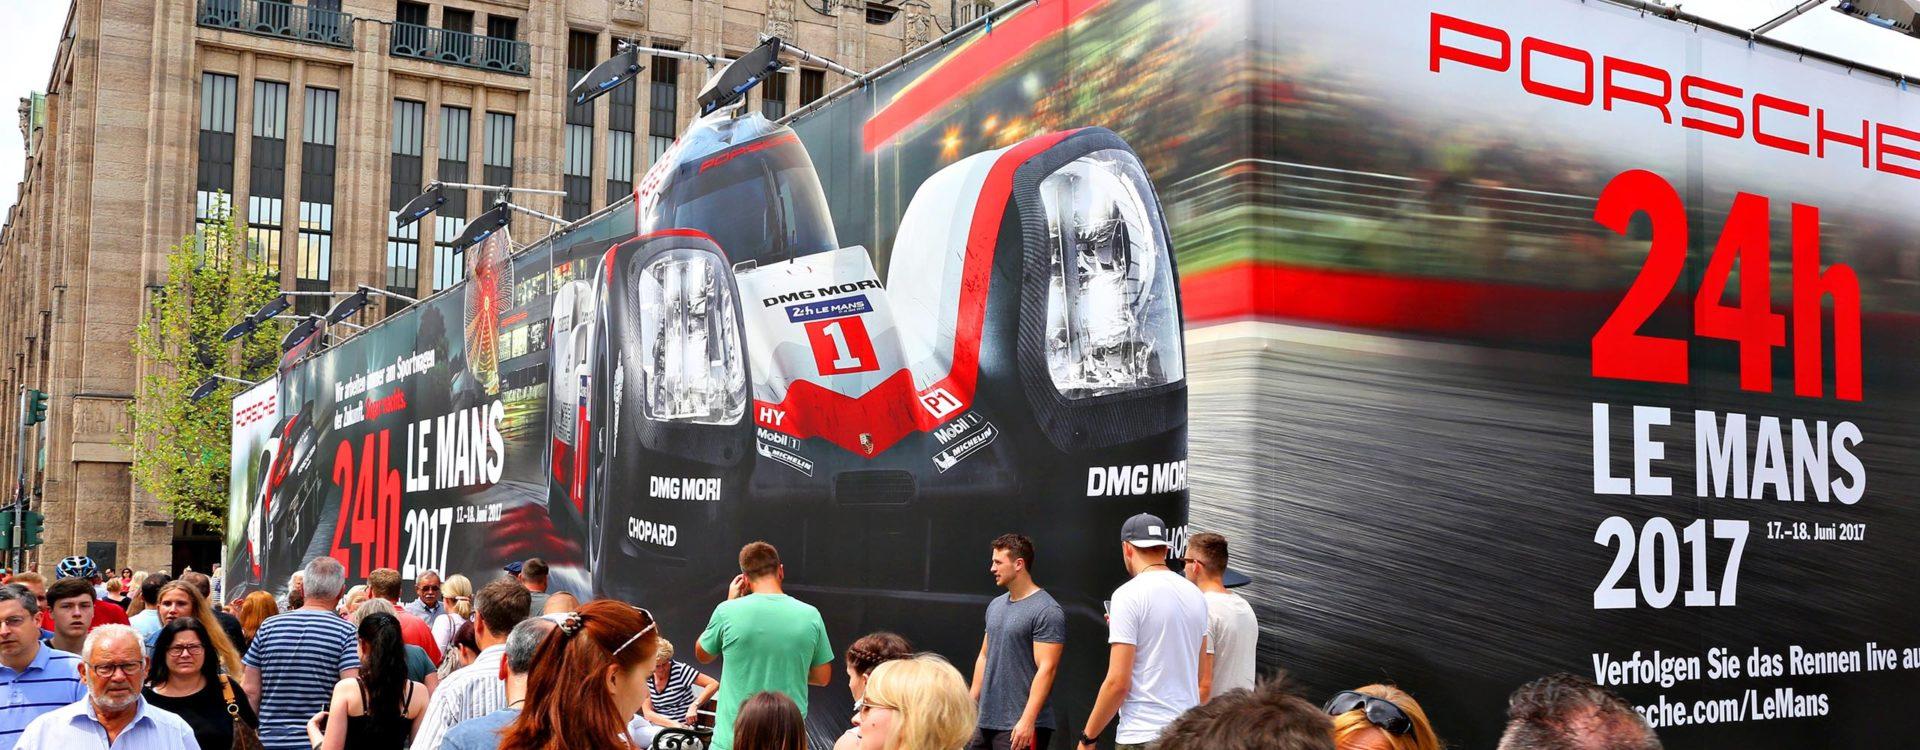 Riesenposter für Porsche in der Düsseldorfer Königsallee